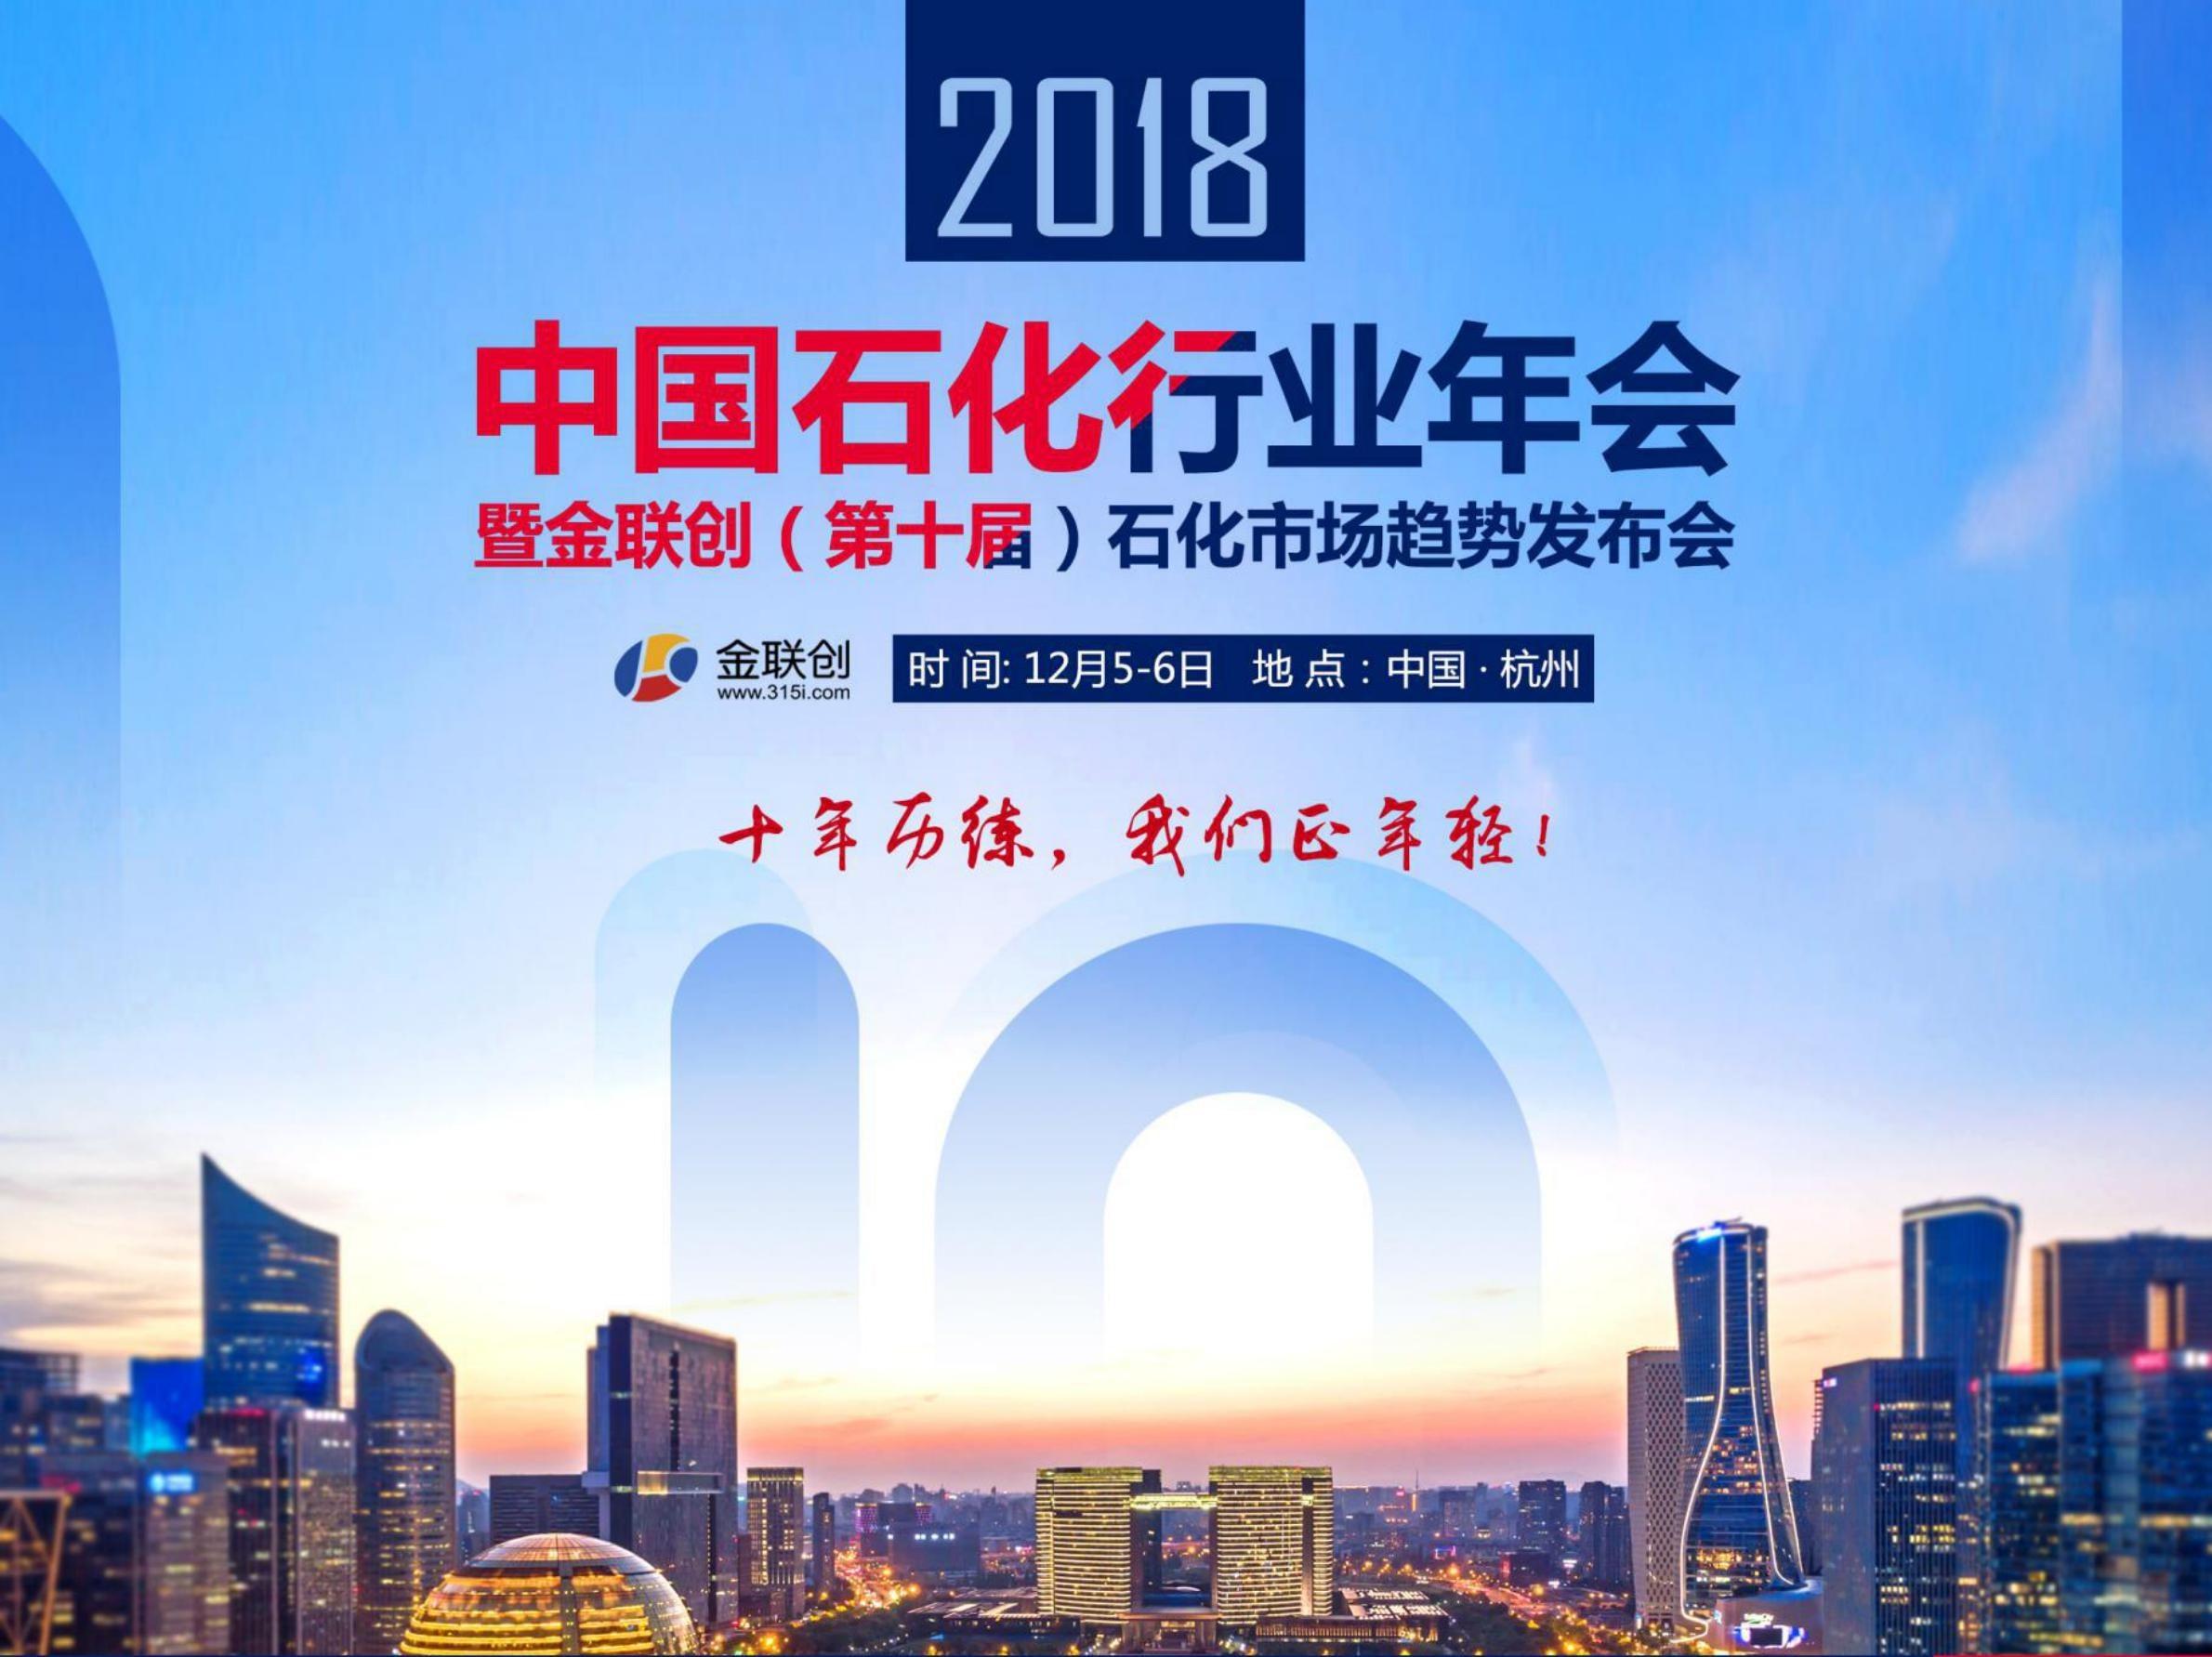 2018中國石化年會暨金聯創(第十屆)石化市場趨勢發布會